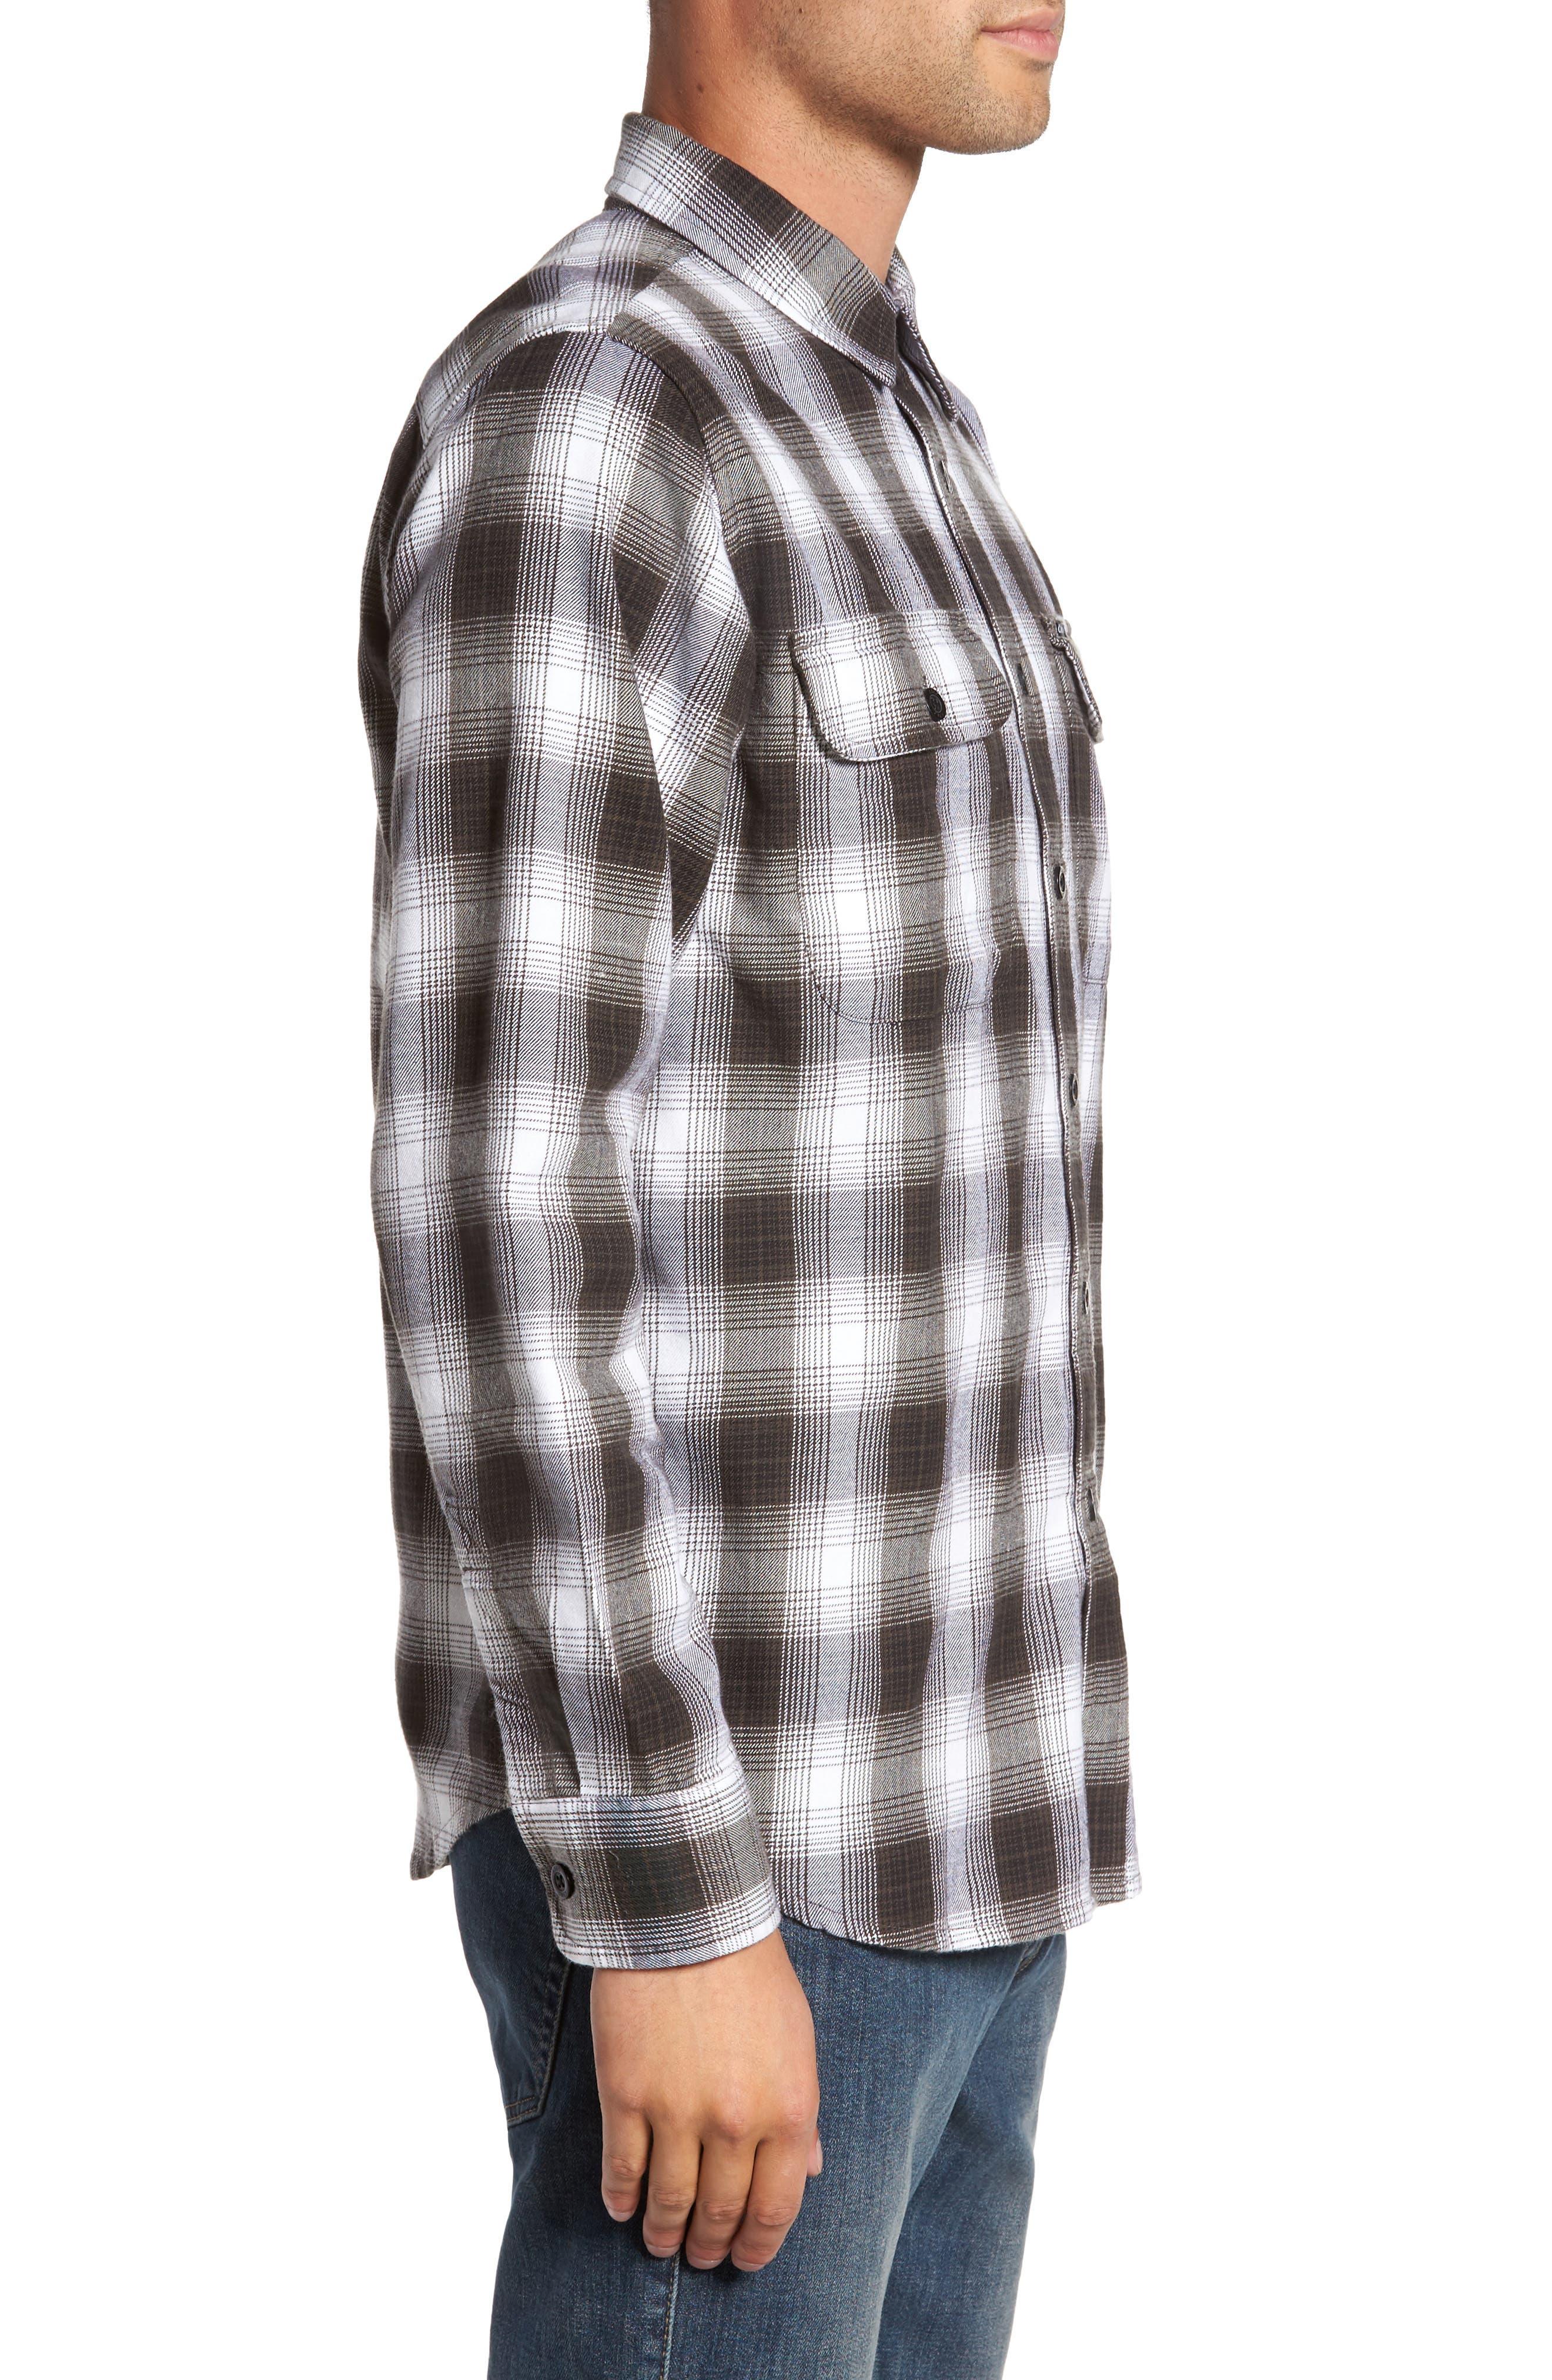 Kemper Plaid Woven Shirt,                             Alternate thumbnail 3, color,                             Black Multi